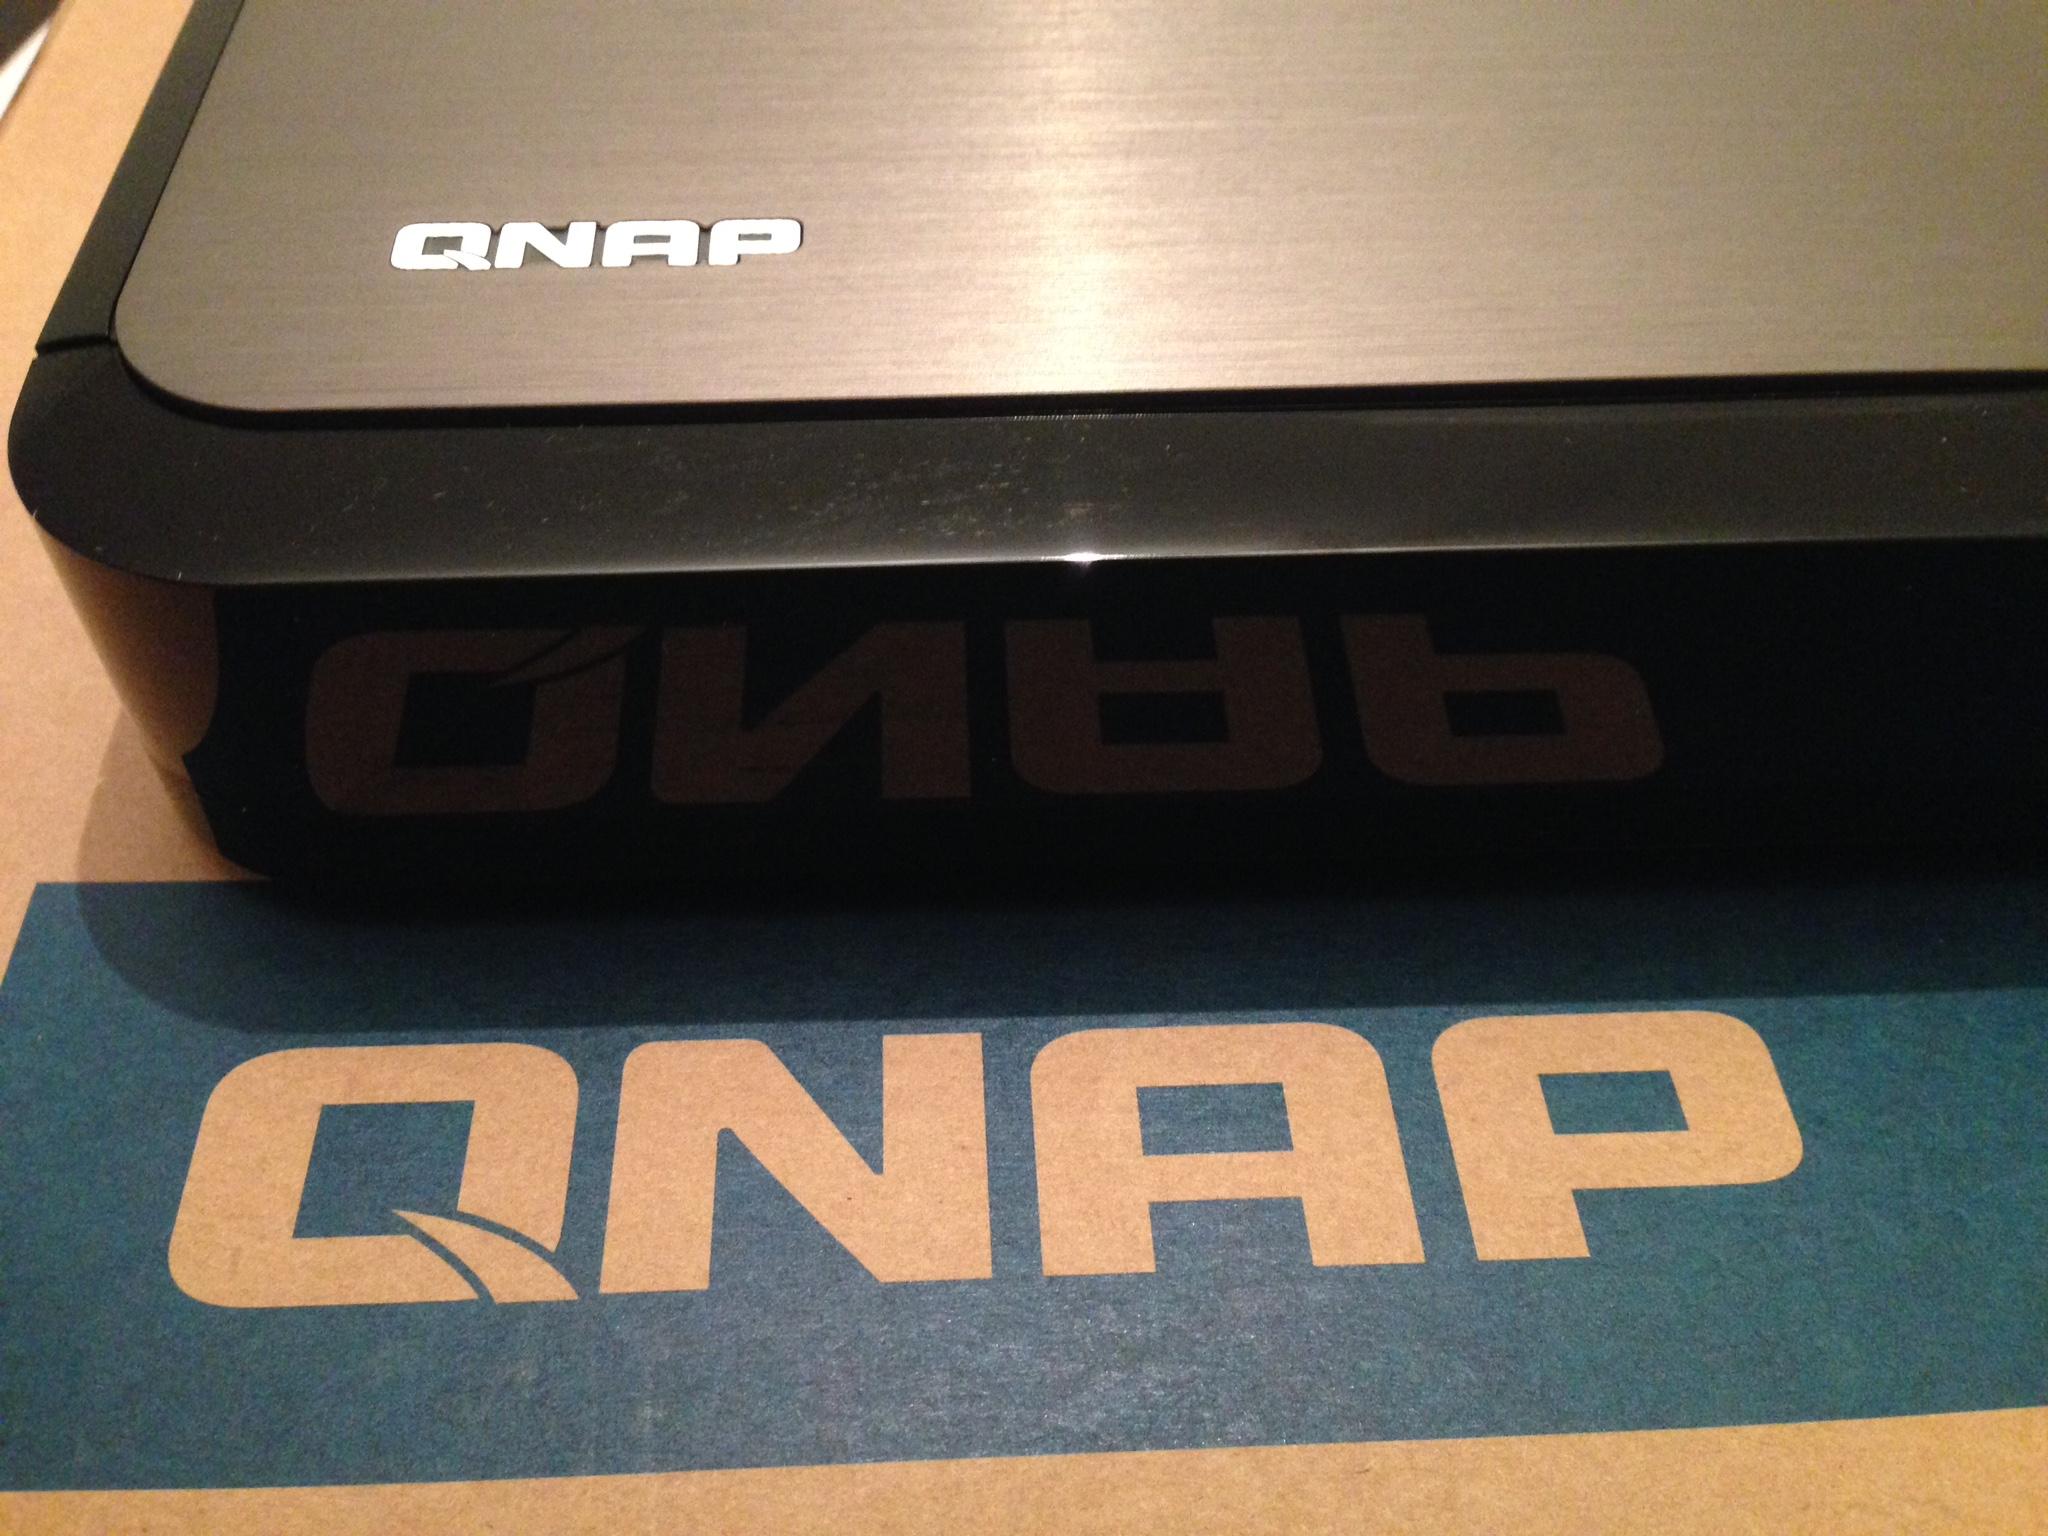 NAS QNAP HS-251+